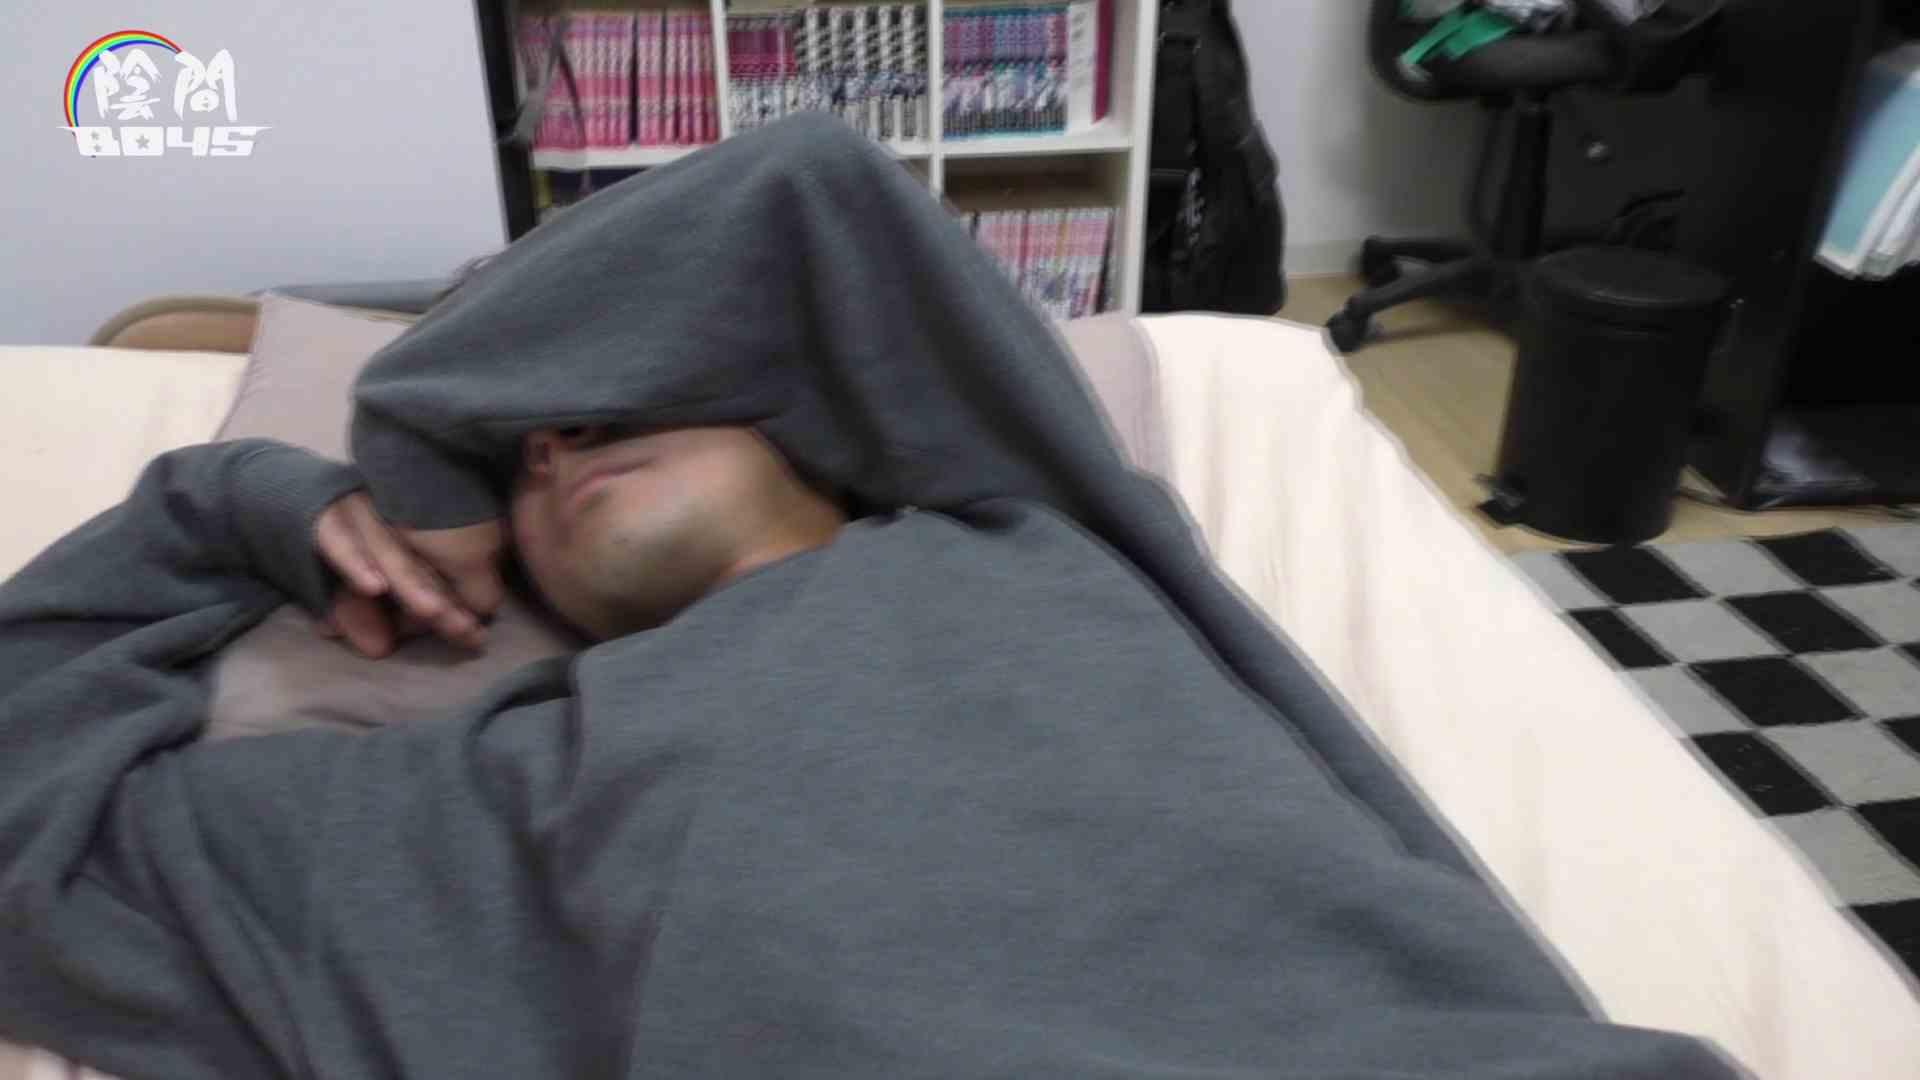 アナルは決して眠らない No.04 ゲイのオナニー映像   ザーメン  104枚 77